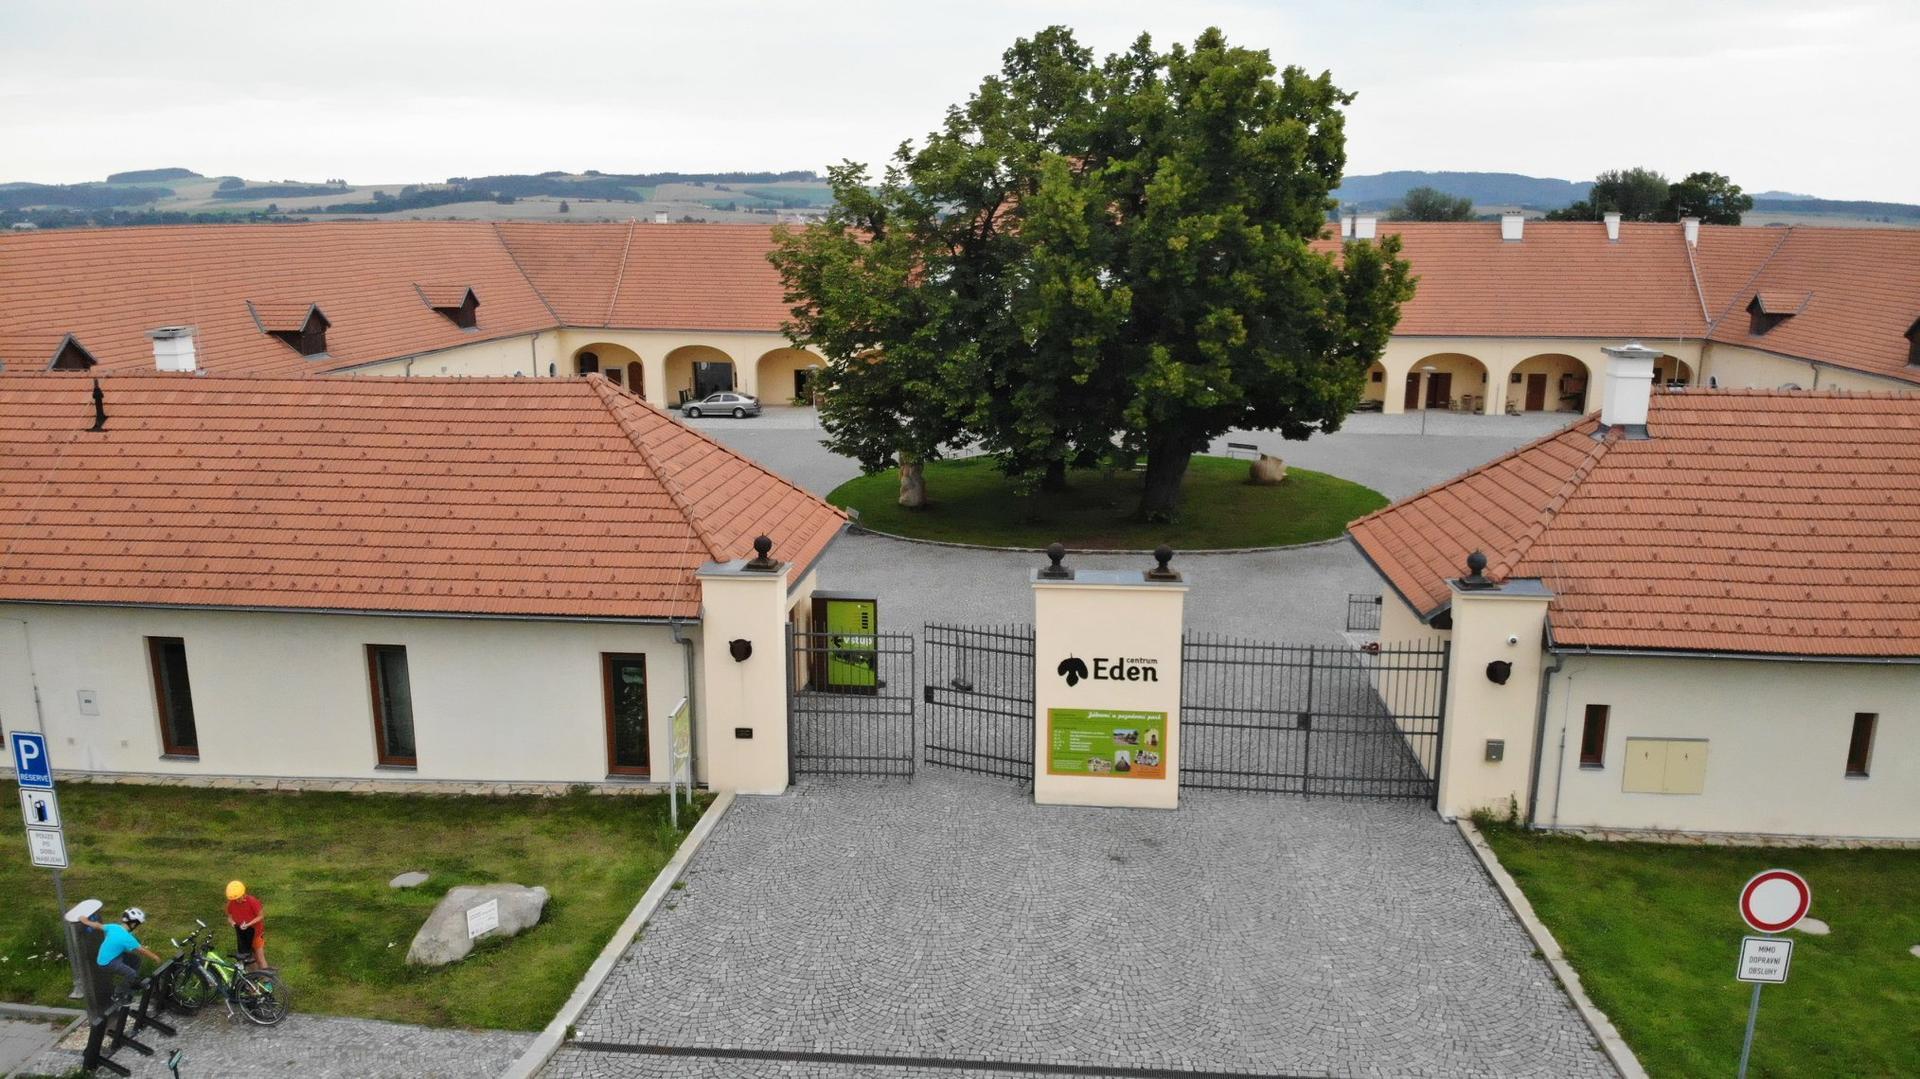 Místo naší svatby Centrum Eden - Bystřice nad Pernštejnem - Obrázek č. 3